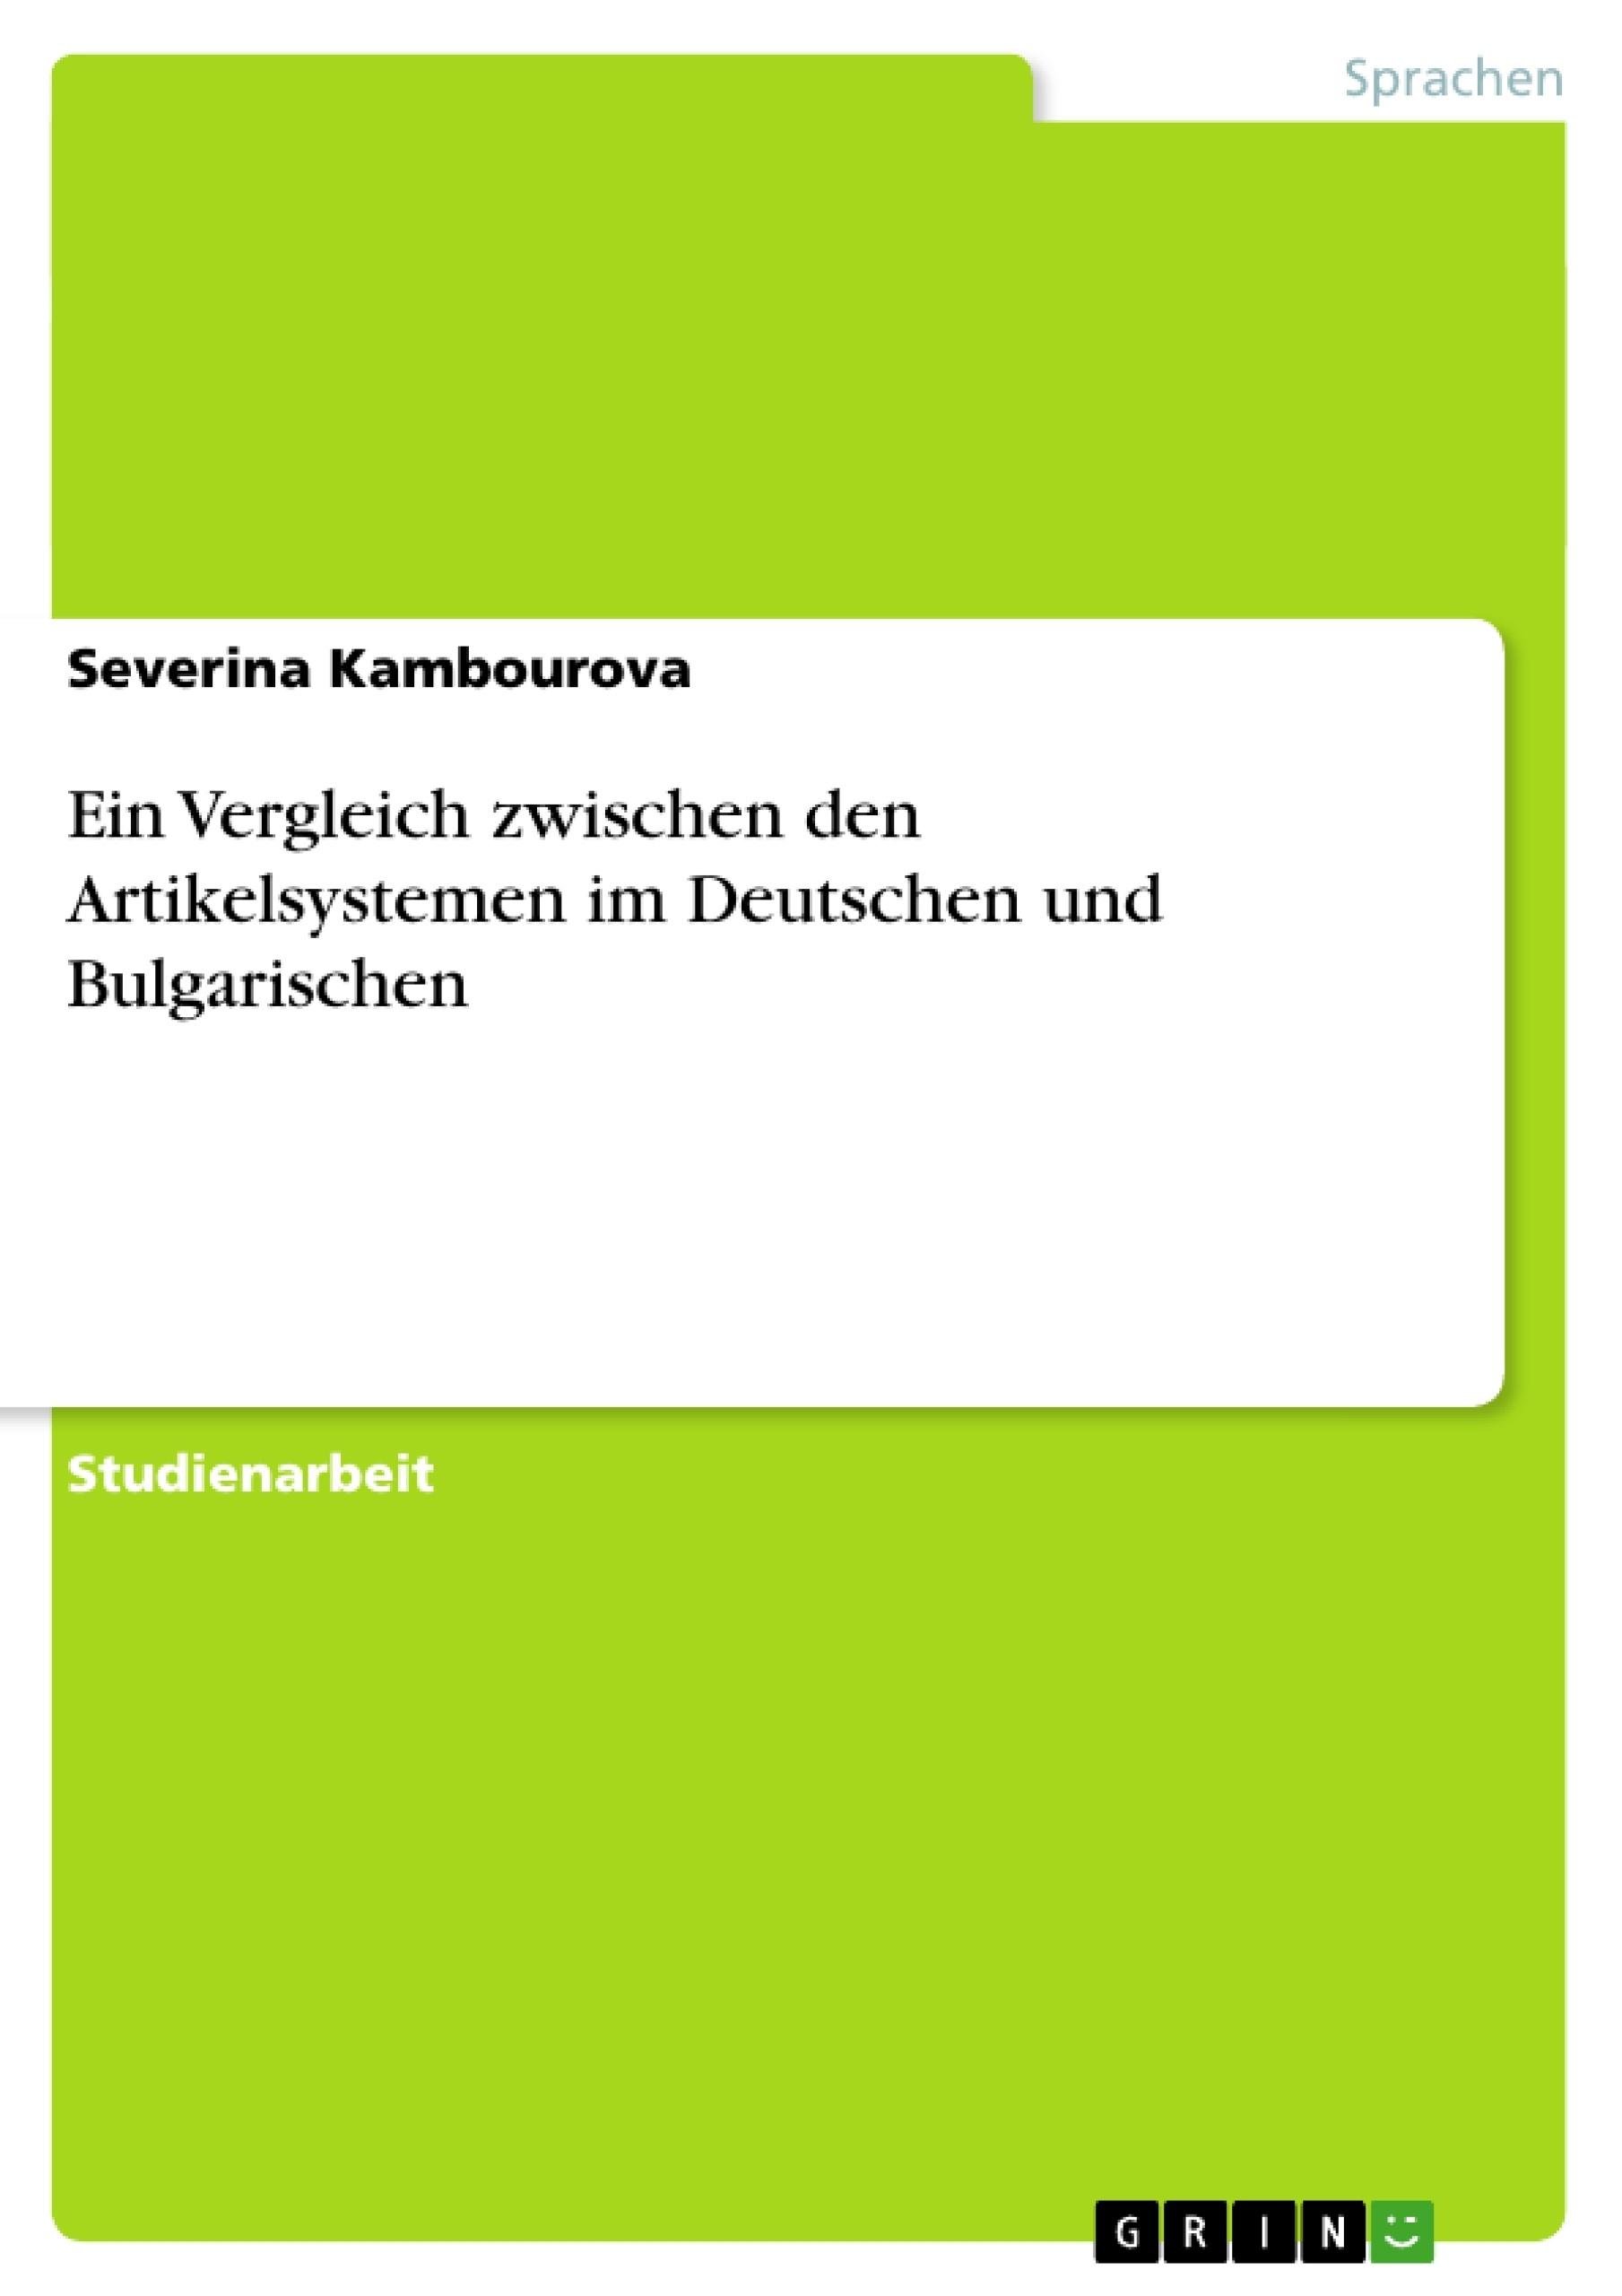 Titel: Ein Vergleich zwischen den Artikelsystemen im Deutschen und Bulgarischen